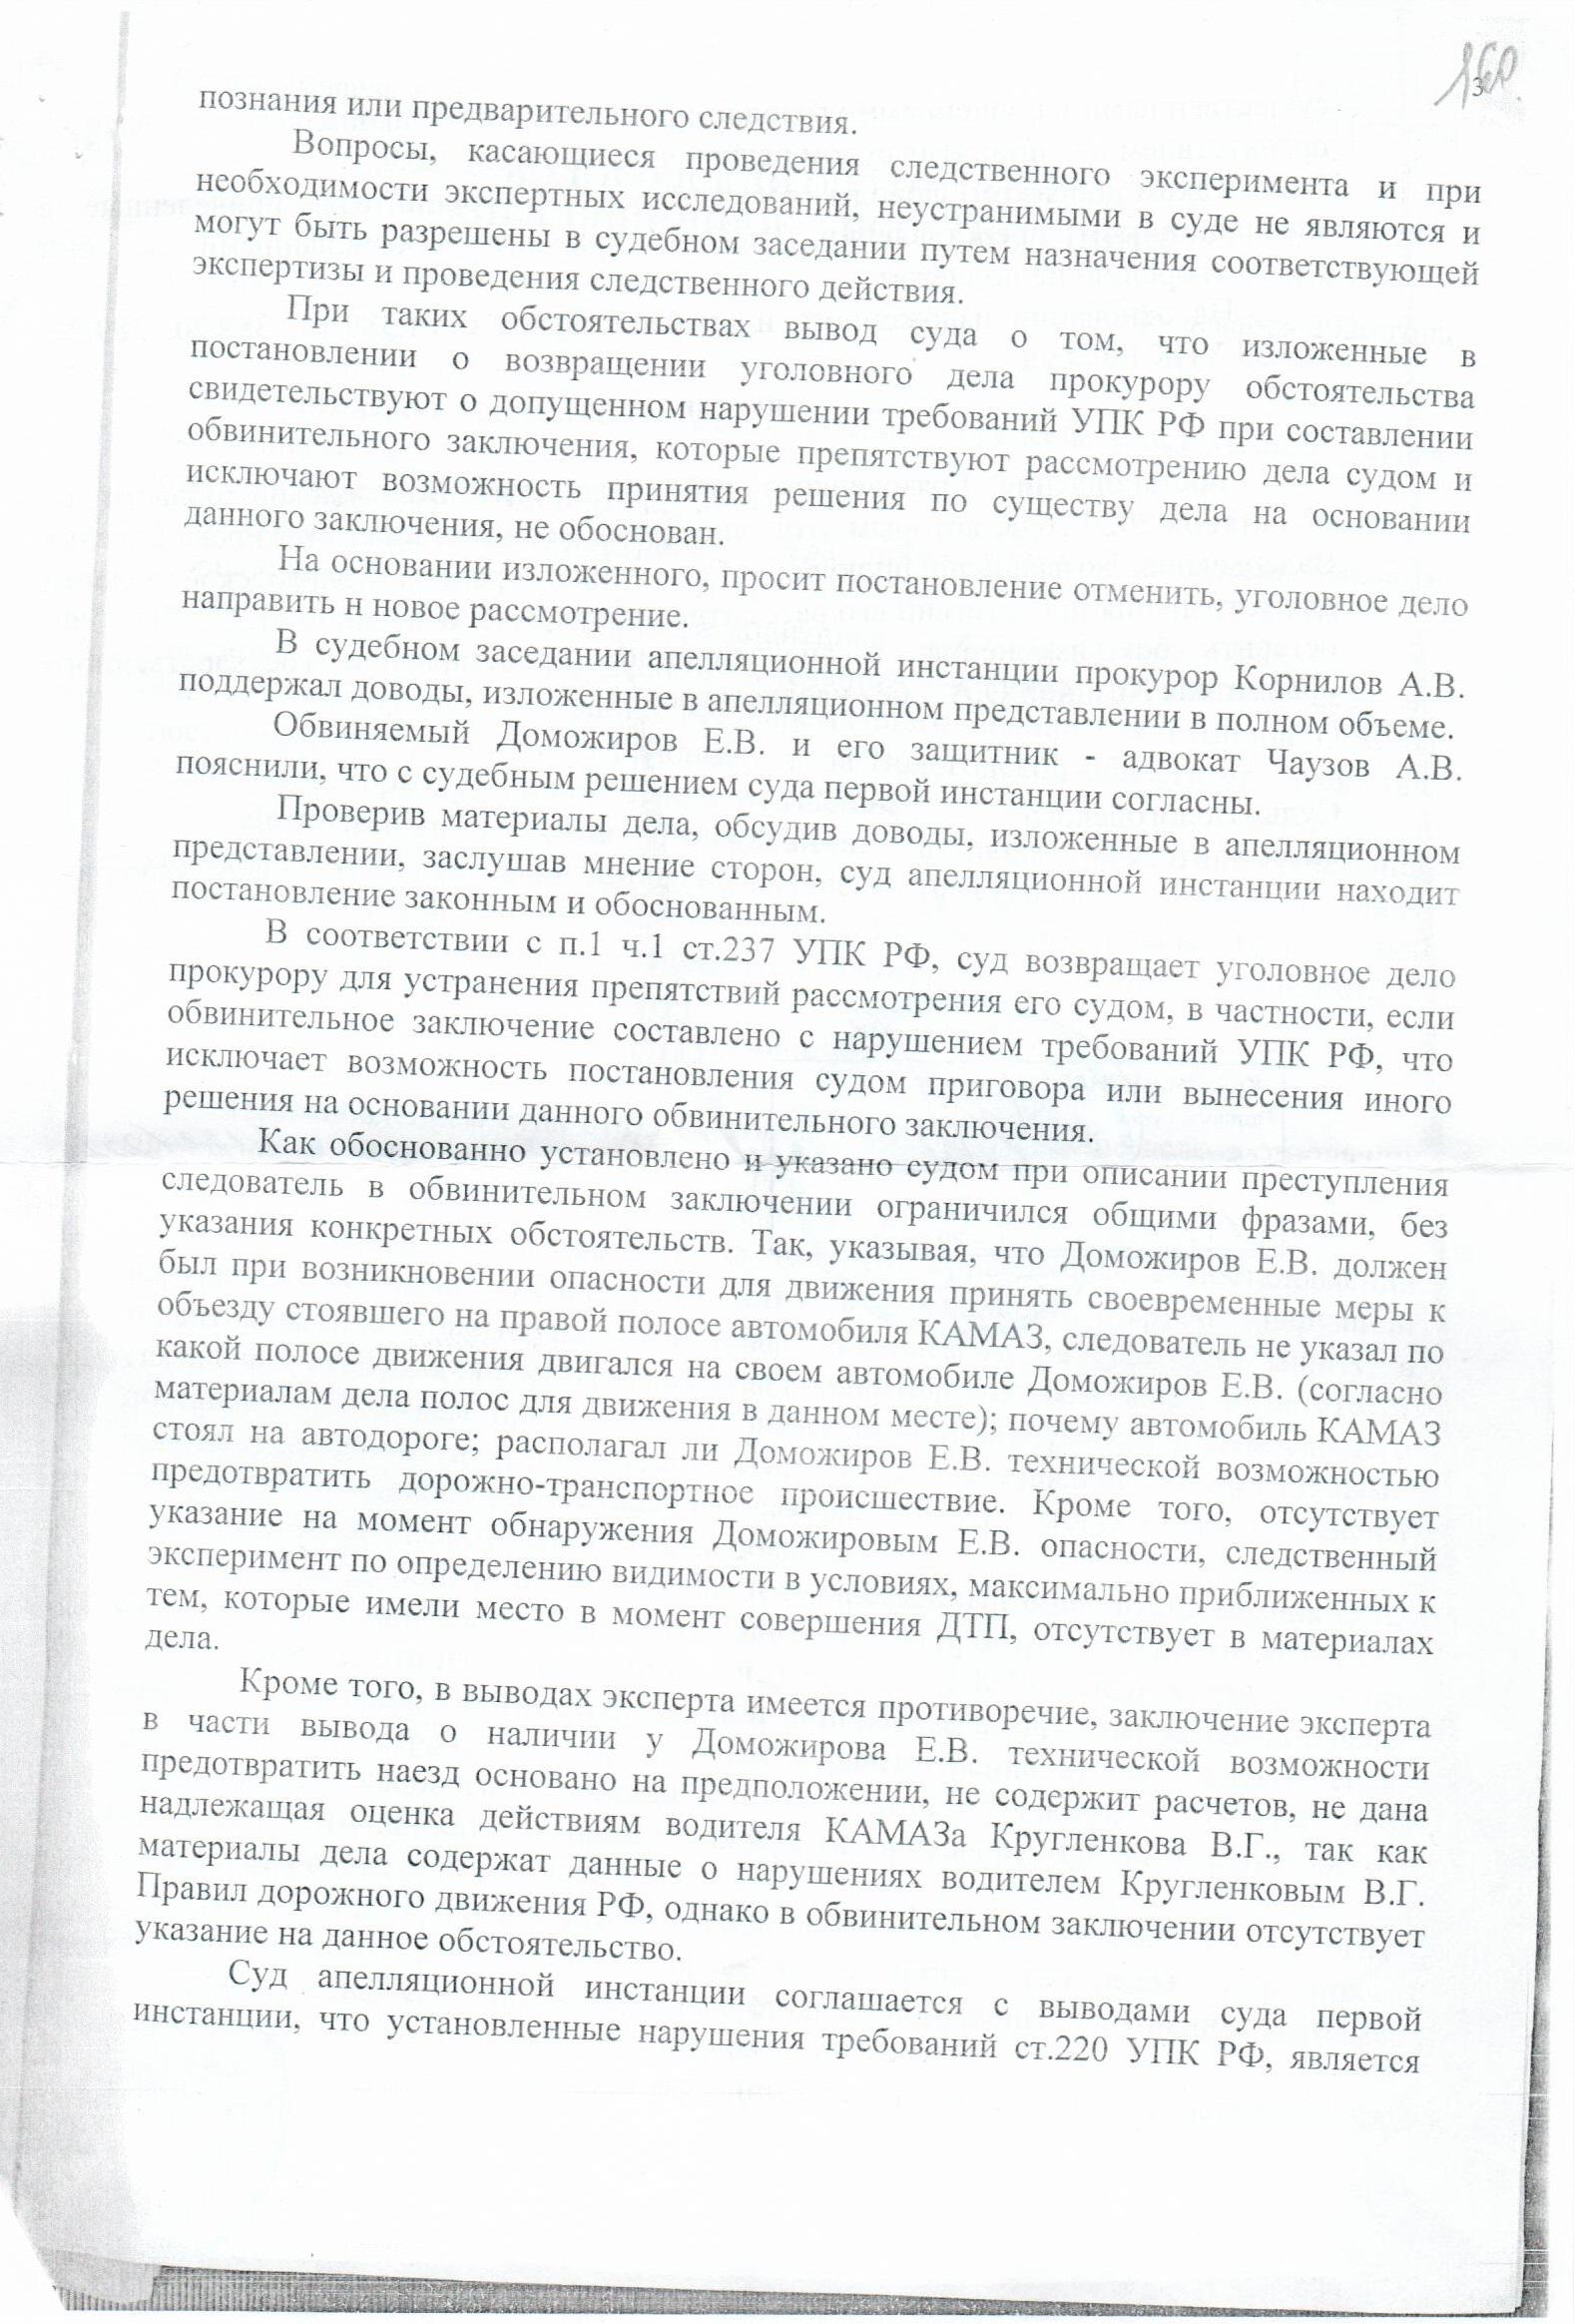 уголовное дело Евгения Доможирова по аварии 9.jpg